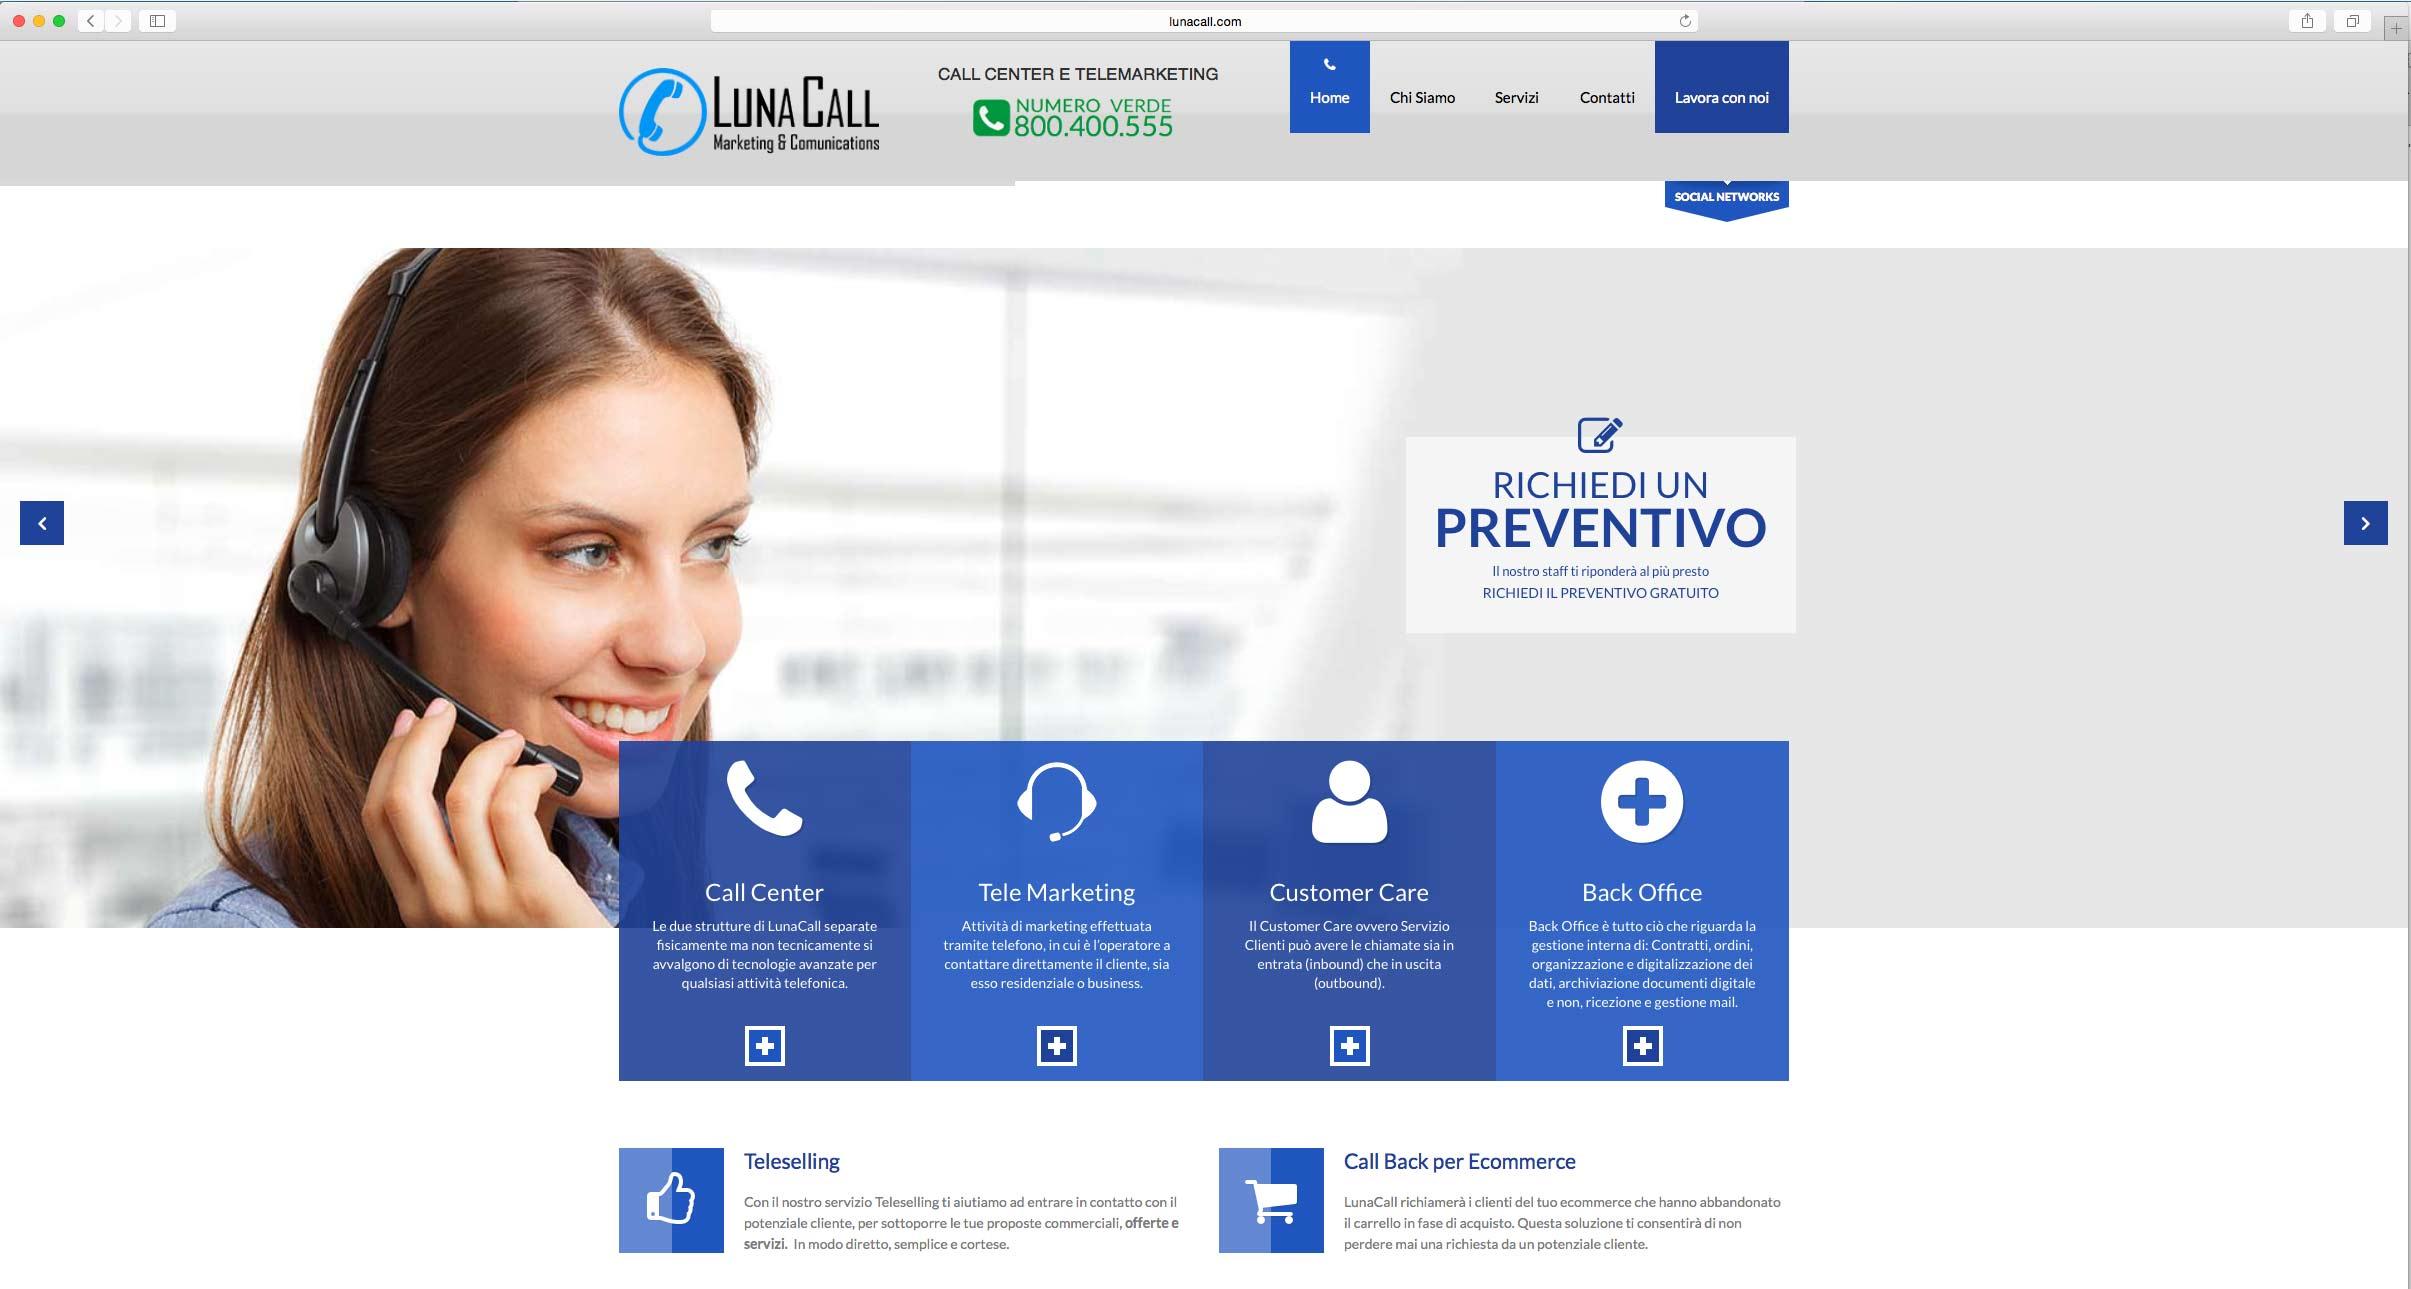 Realizzazione sito web per azienda call center